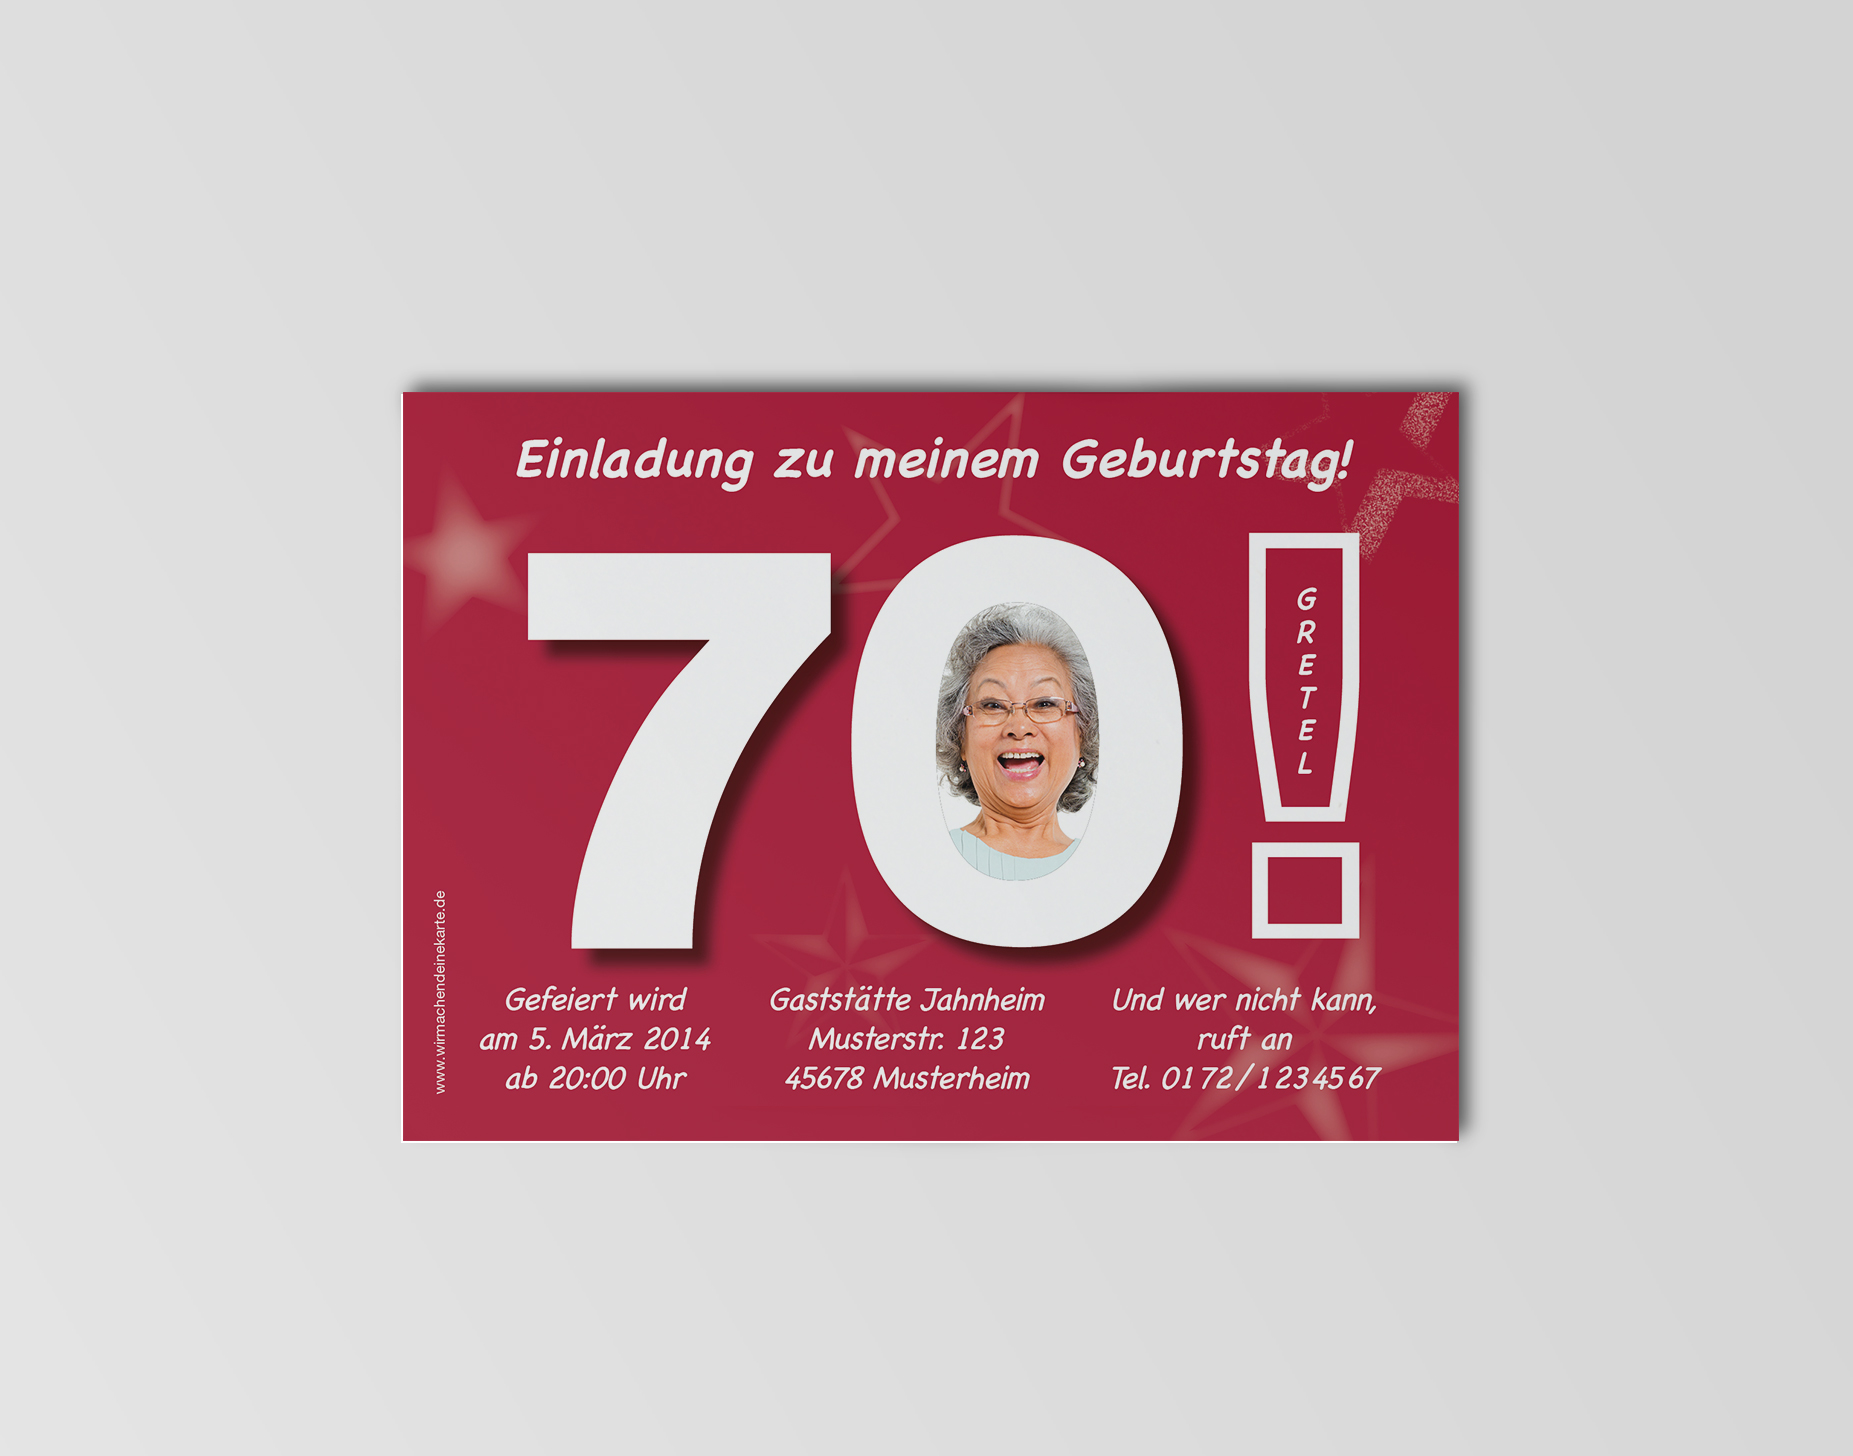 einladungskarten geburtstag 70 - herzlichen glückwunsch an